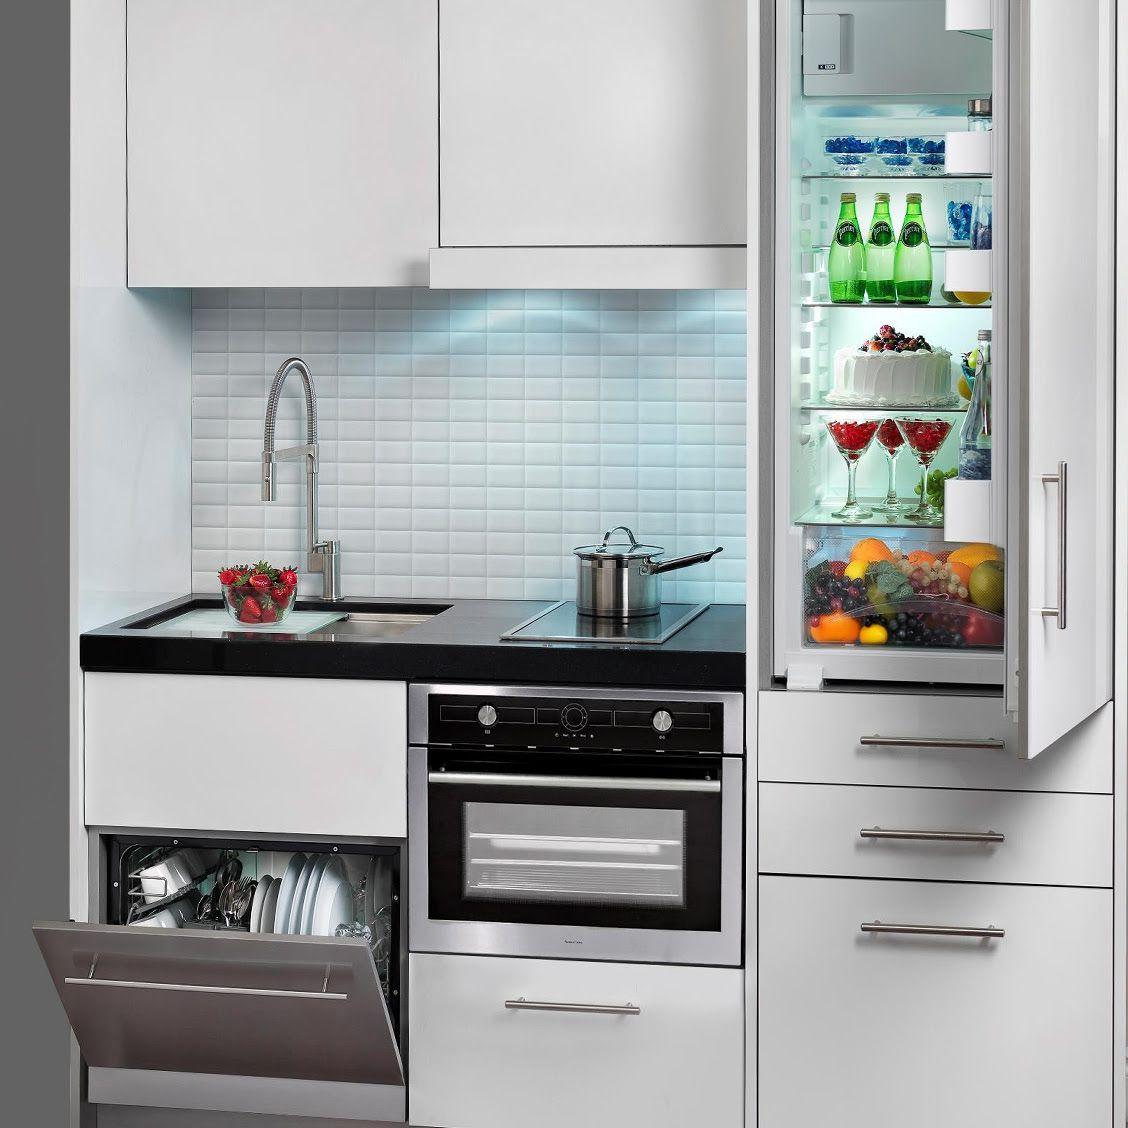 Pin Oleh Studio Design Llc Di Small Kitchens Renovasi Dapur Kecil Interior Dapur Dapur Ringkas